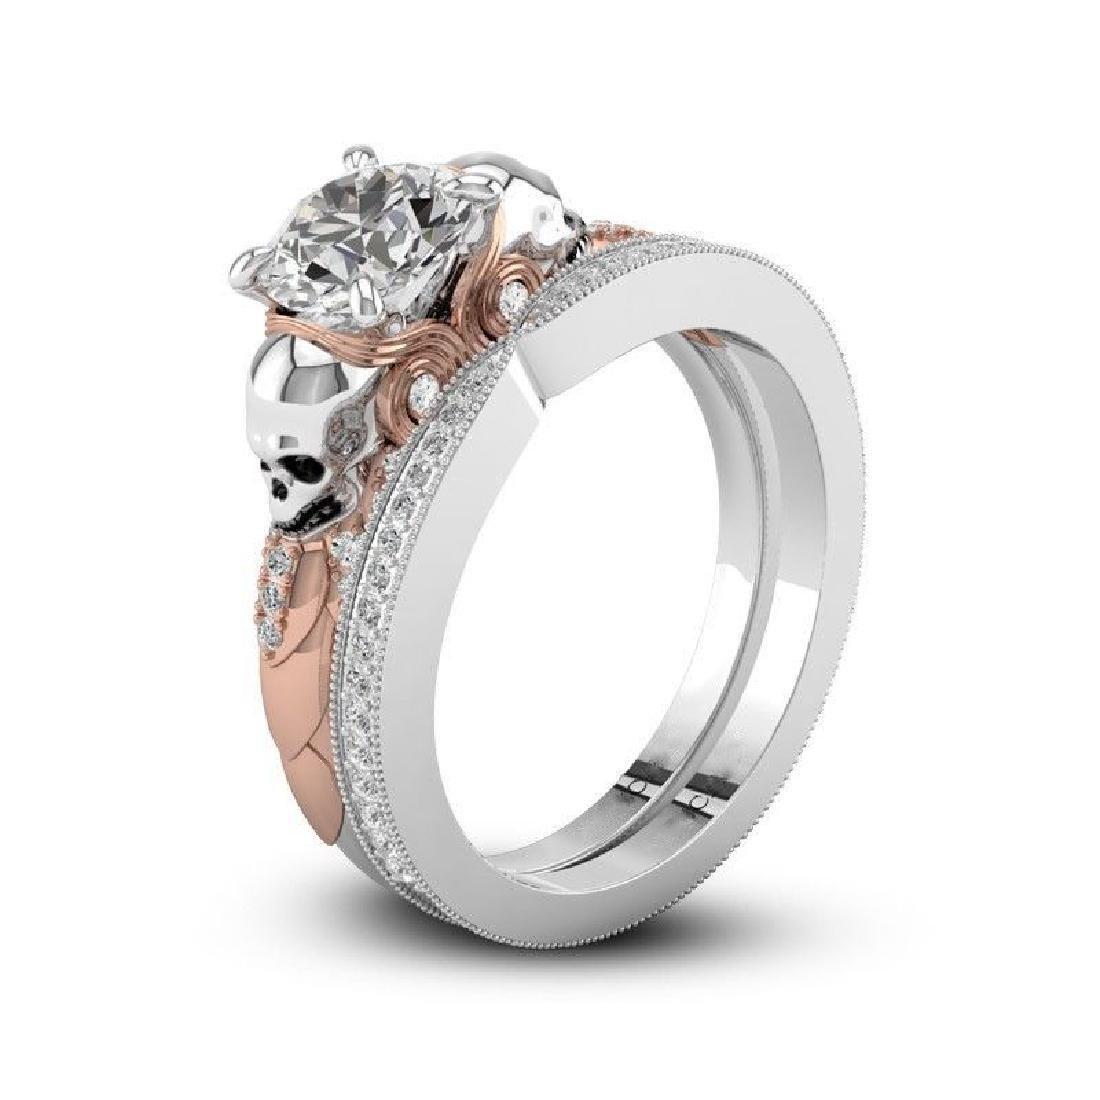 2Pcs/Set 925 Silver Ring 1.6Ct White Topaz Size 10 - 5